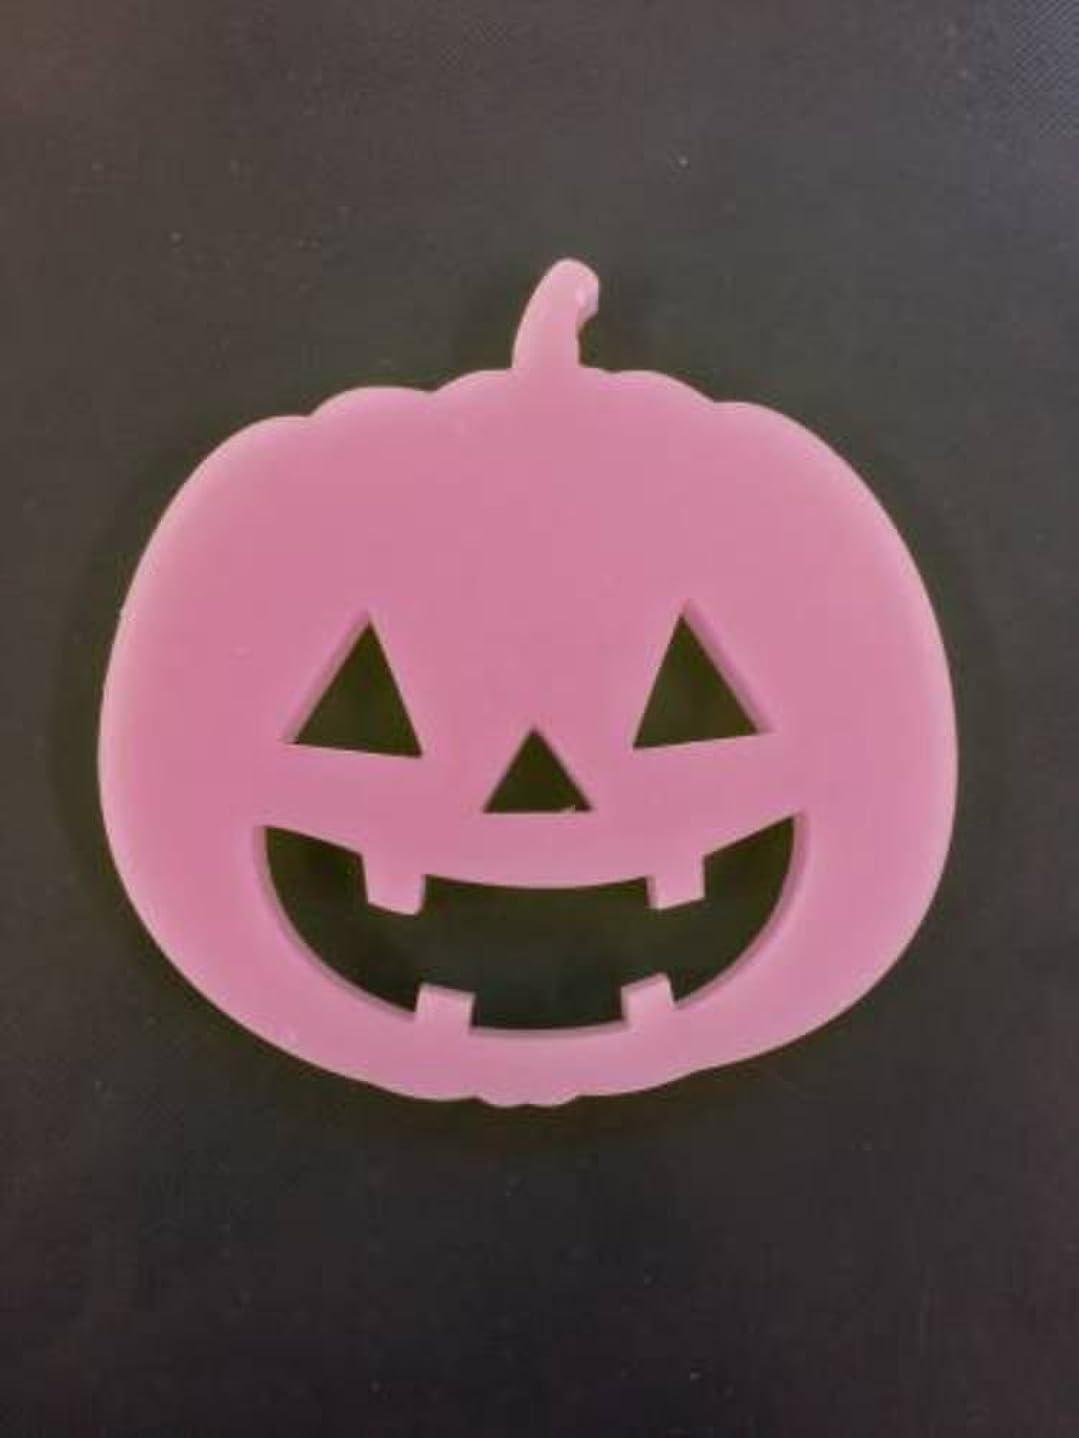 みぞれハンサム保護GRASSE TOKYO AROMATICWAXチャーム「ハロウィンかぼちゃ」(PI) ゼラニウム アロマティックワックス グラーストウキョウ